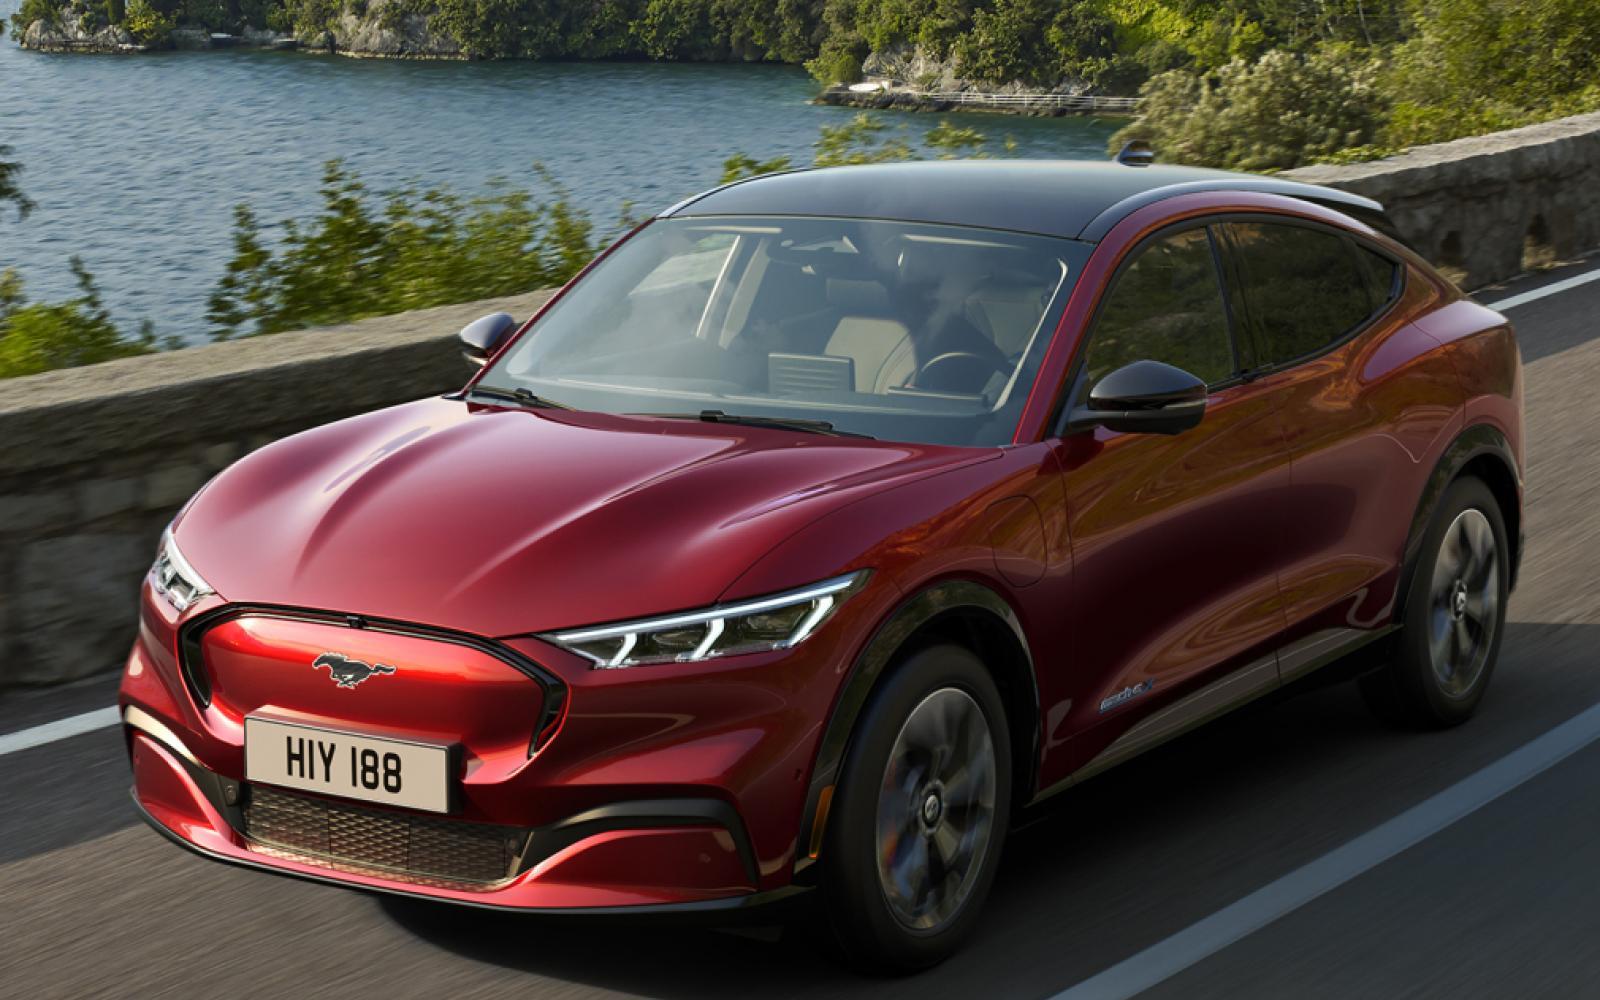 Elektrische Ford Mustang Mach E Blijft Net Onder De 50 000 Euro Autowereld Com